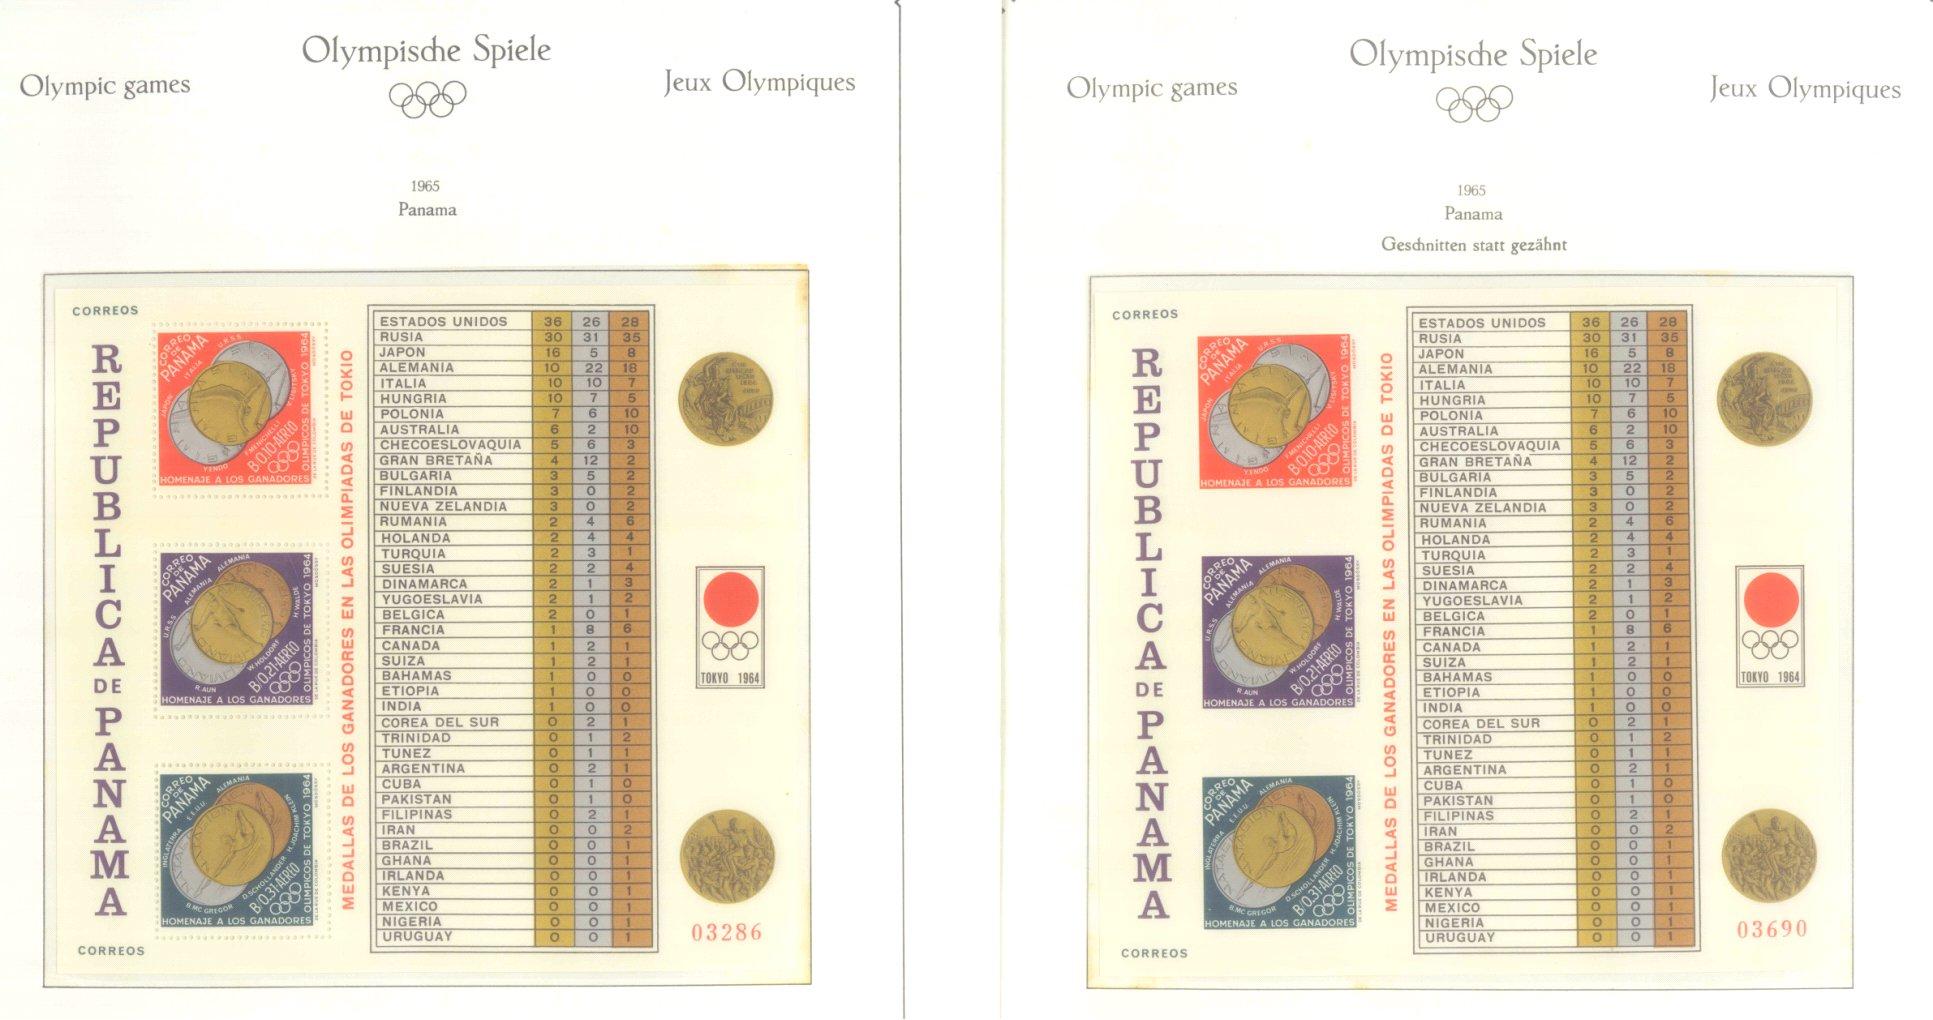 OLYMPISCHE SPIELE 1964 TOKIO, postfrische Sammlung Teil 2-8